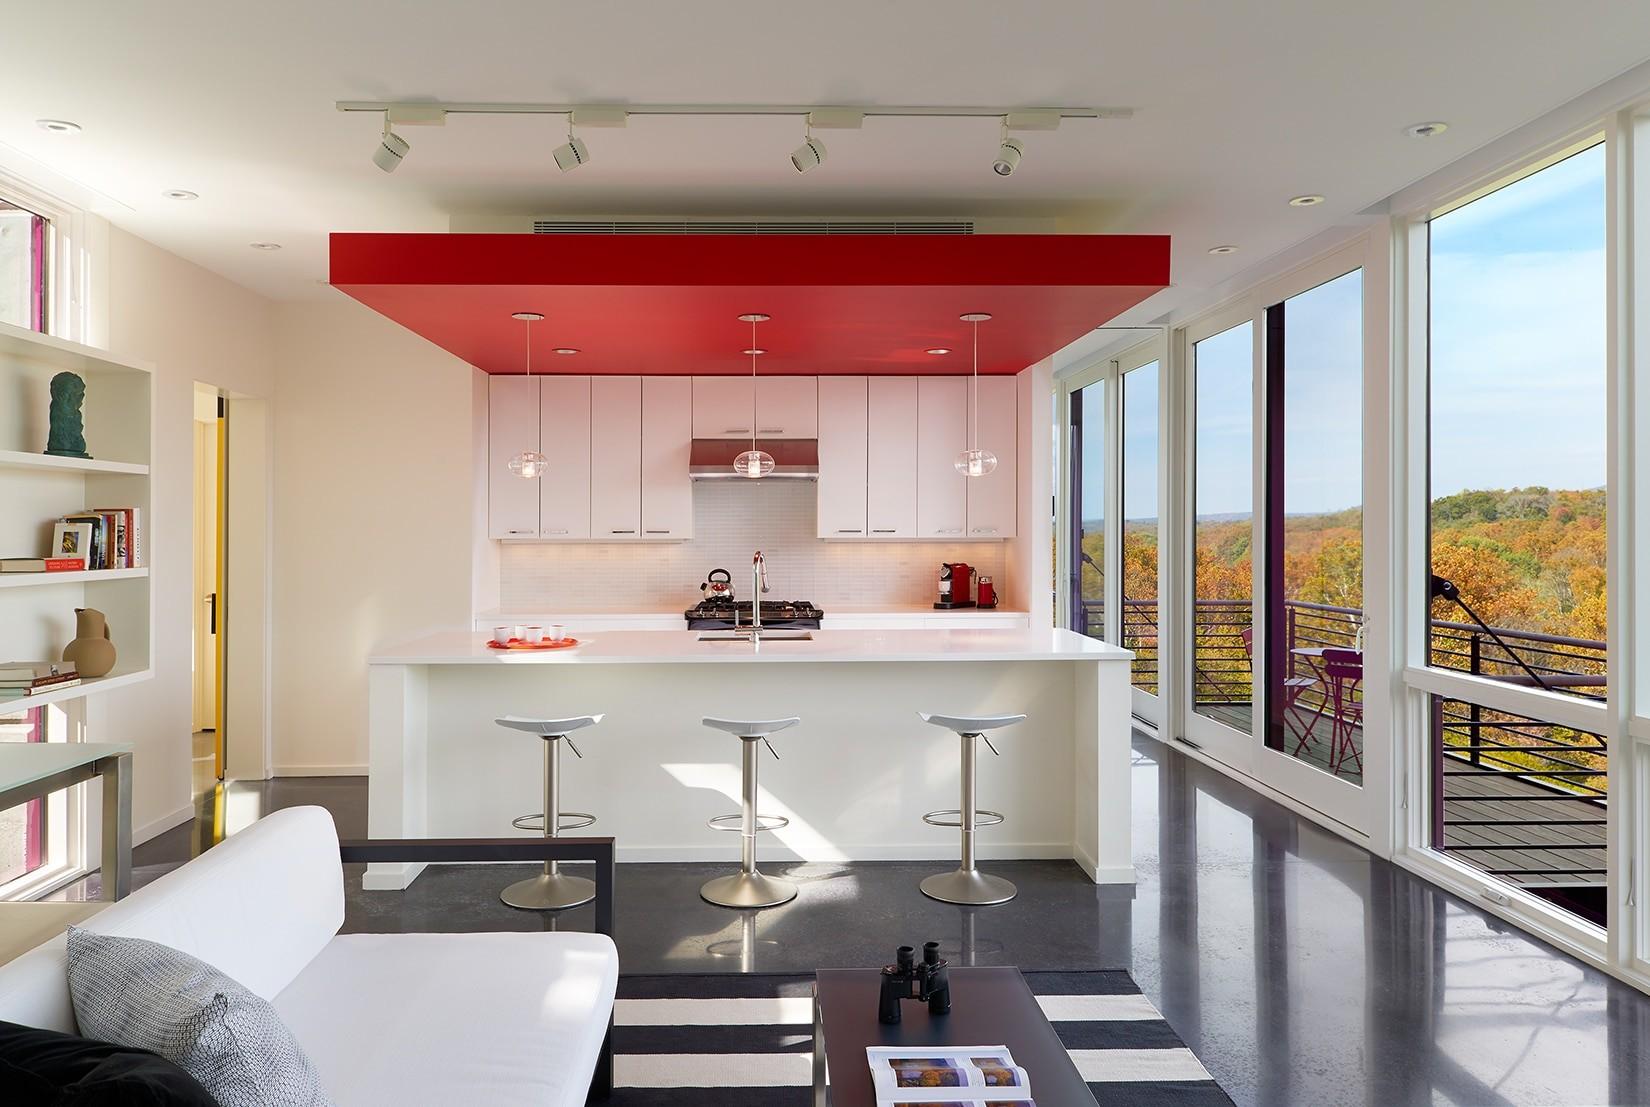 пусть оригинальный потолок из гипсокартона на кухне фото дорогой отель